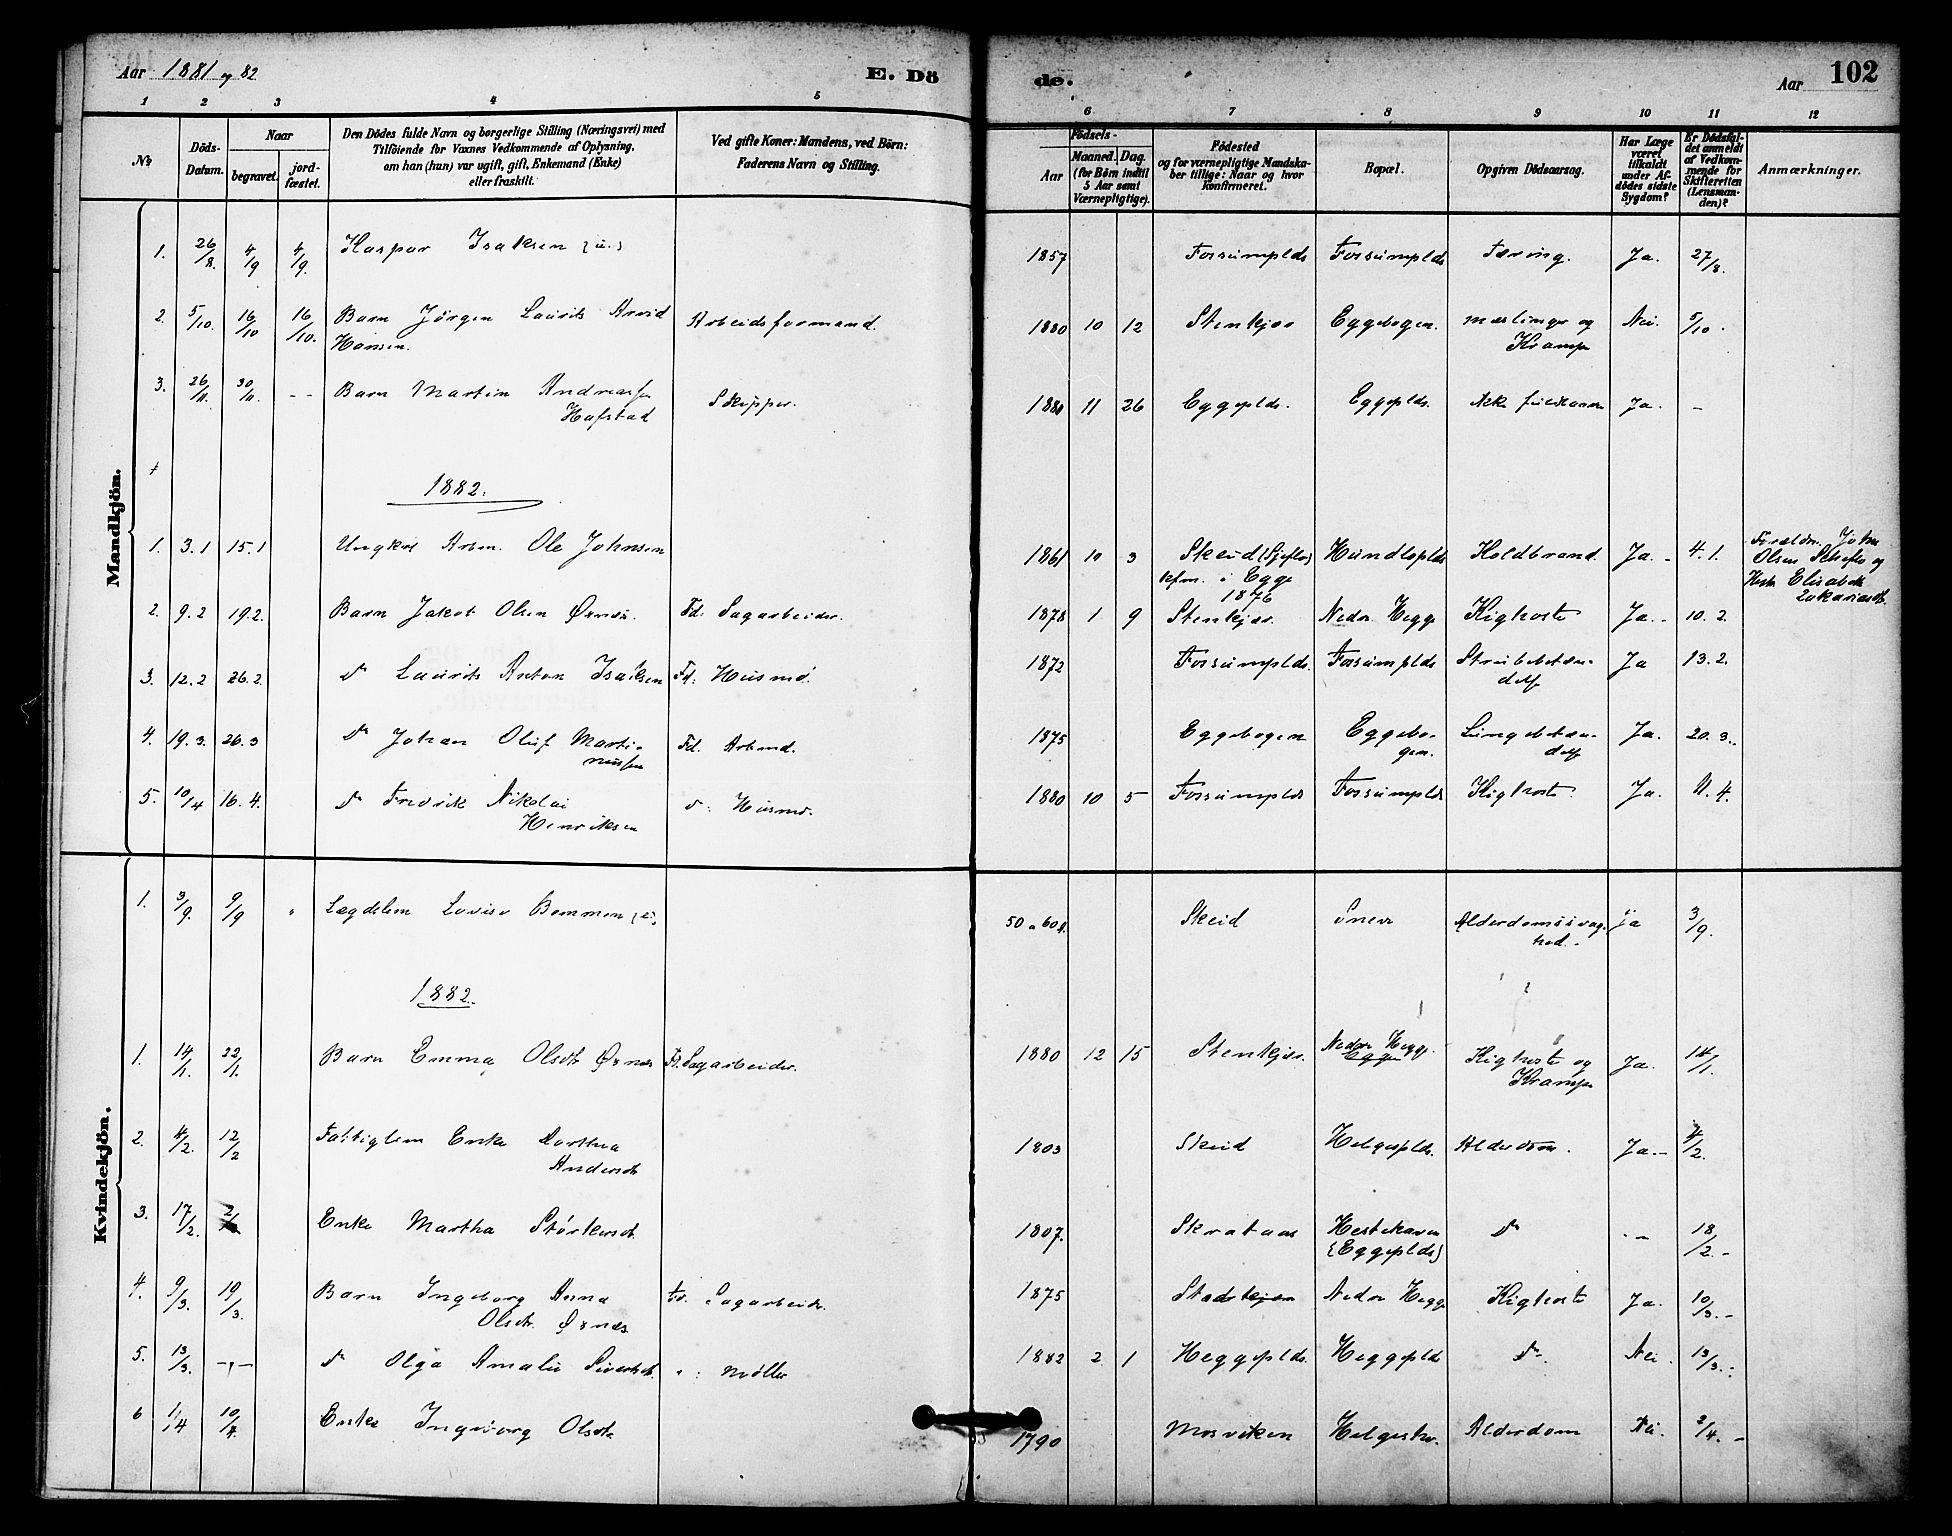 SAT, Ministerialprotokoller, klokkerbøker og fødselsregistre - Nord-Trøndelag, 740/L0378: Ministerialbok nr. 740A01, 1881-1895, s. 102